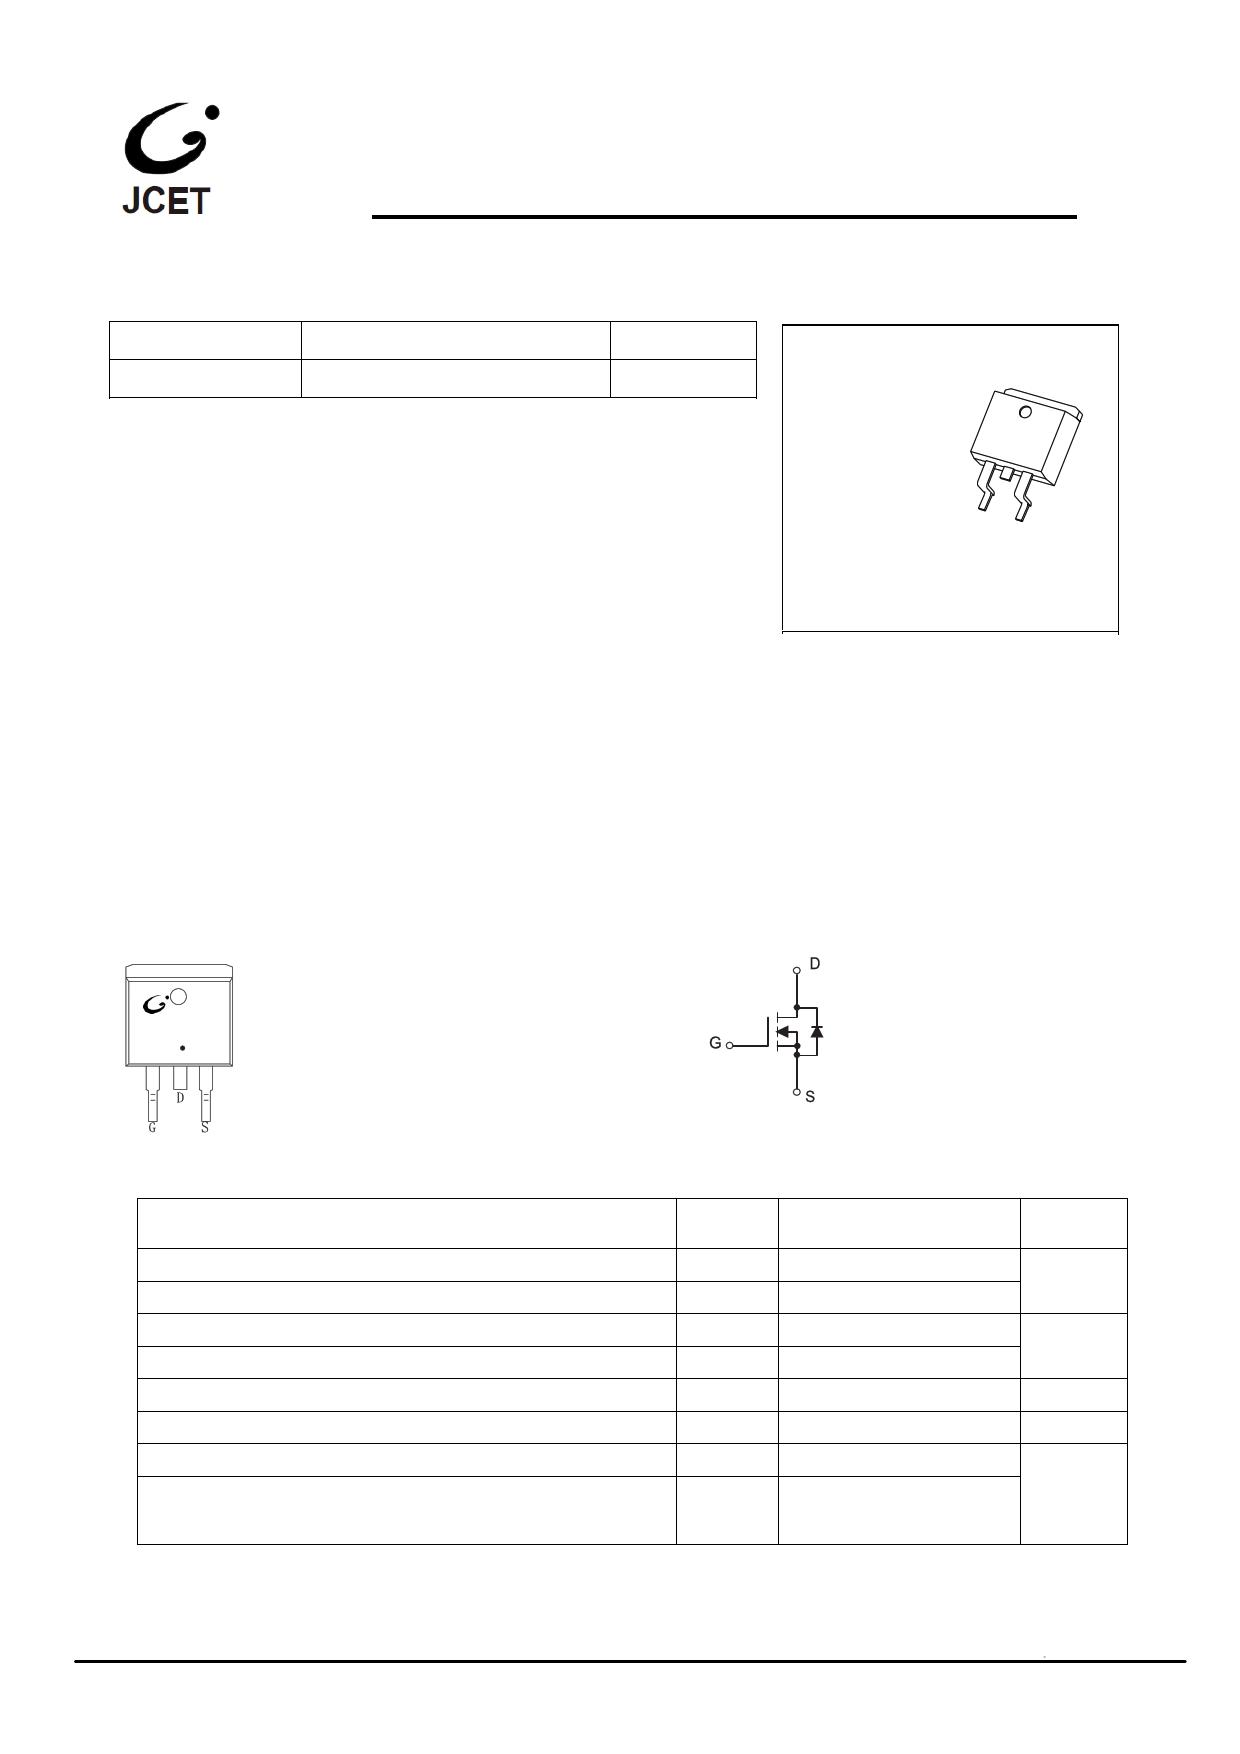 CJB08N65 دیتاشیت PDF